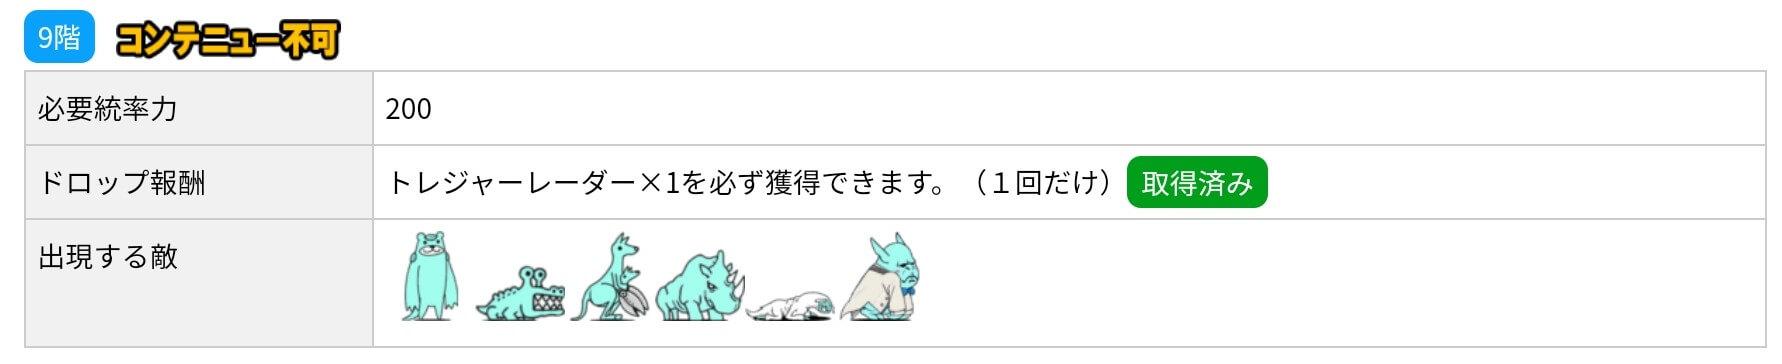 にゃんこ別塔(蒼)9階 敵編成